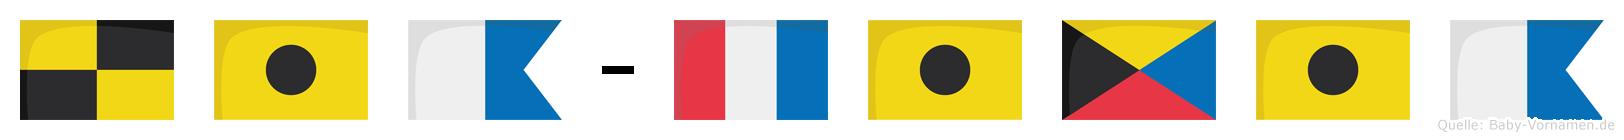 Lia-Tizia im Flaggenalphabet